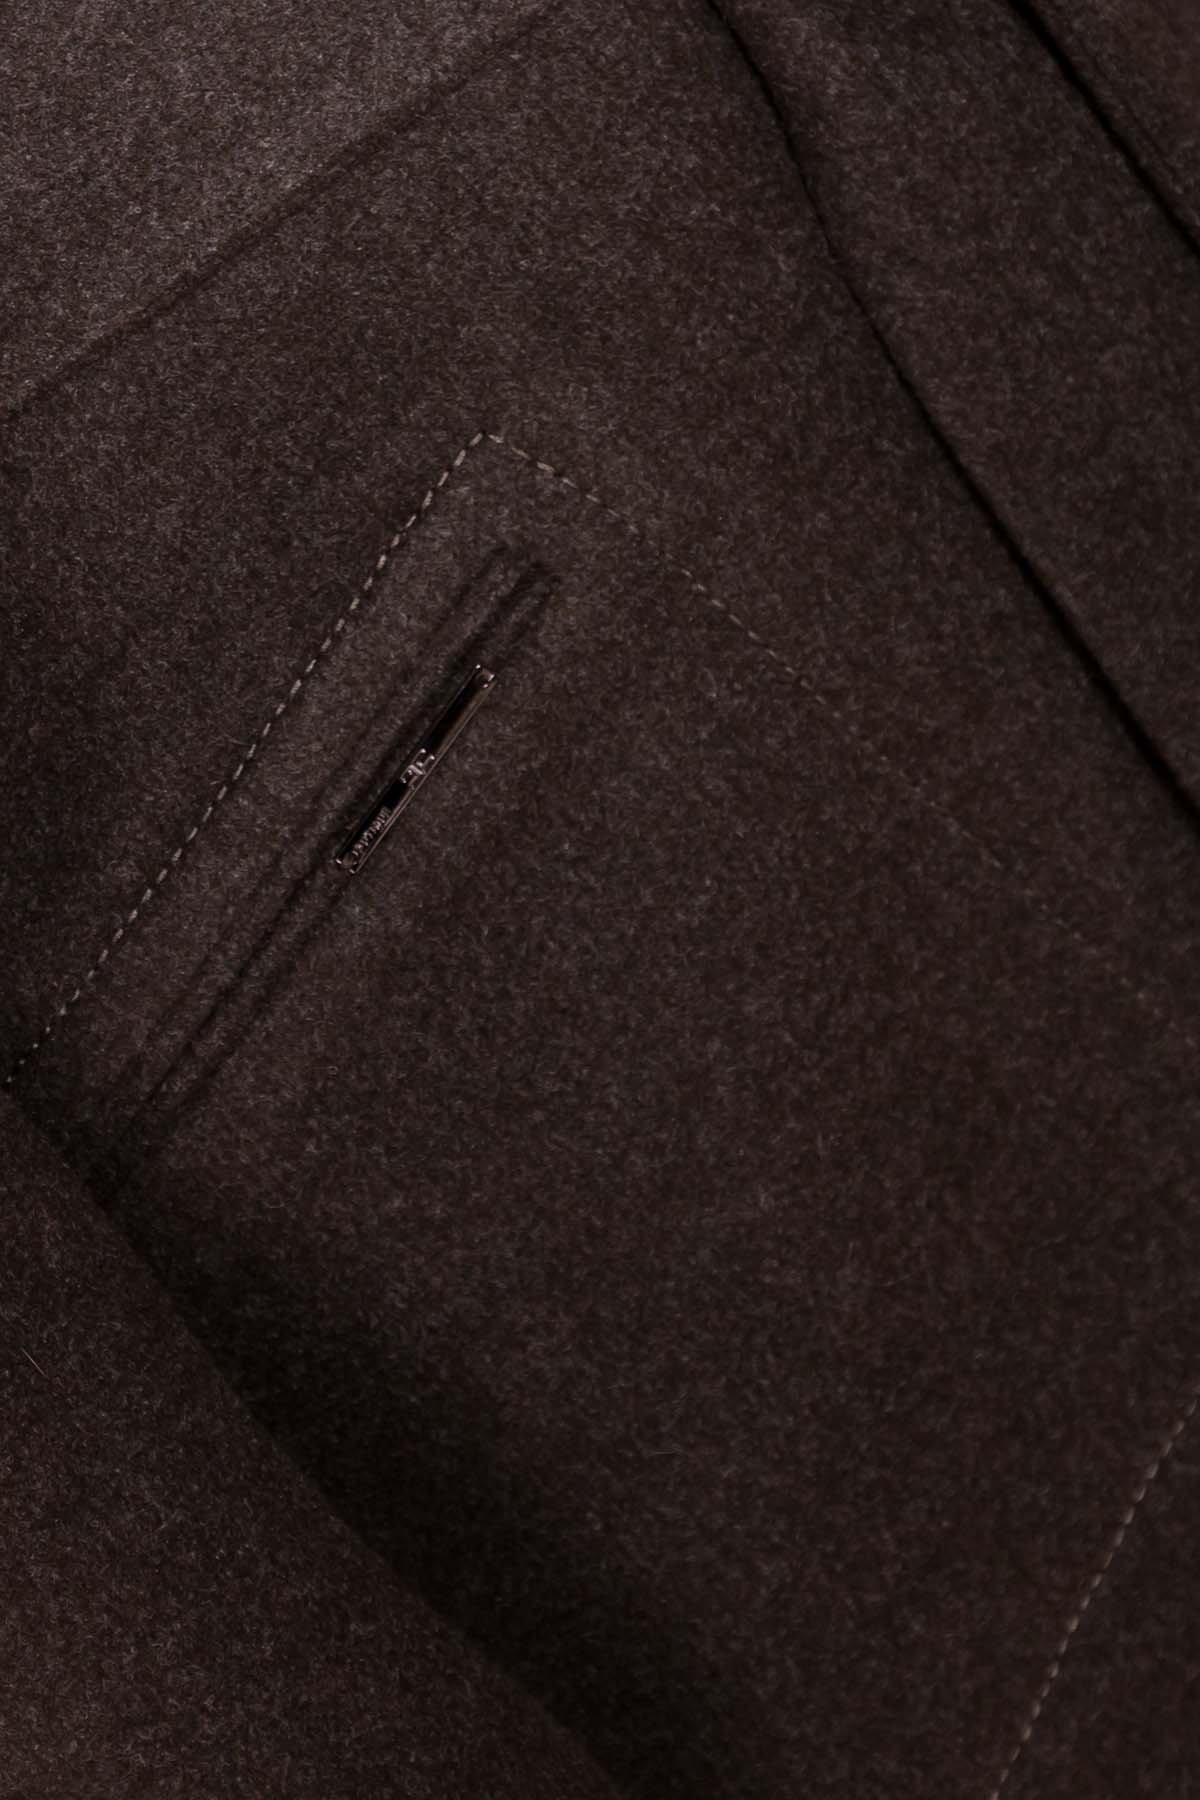 Пальто миди с прорезными карманами Ждана лайт 6337 АРТ. 41149 Цвет: Хаки 16 - фото 6, интернет магазин tm-modus.ru